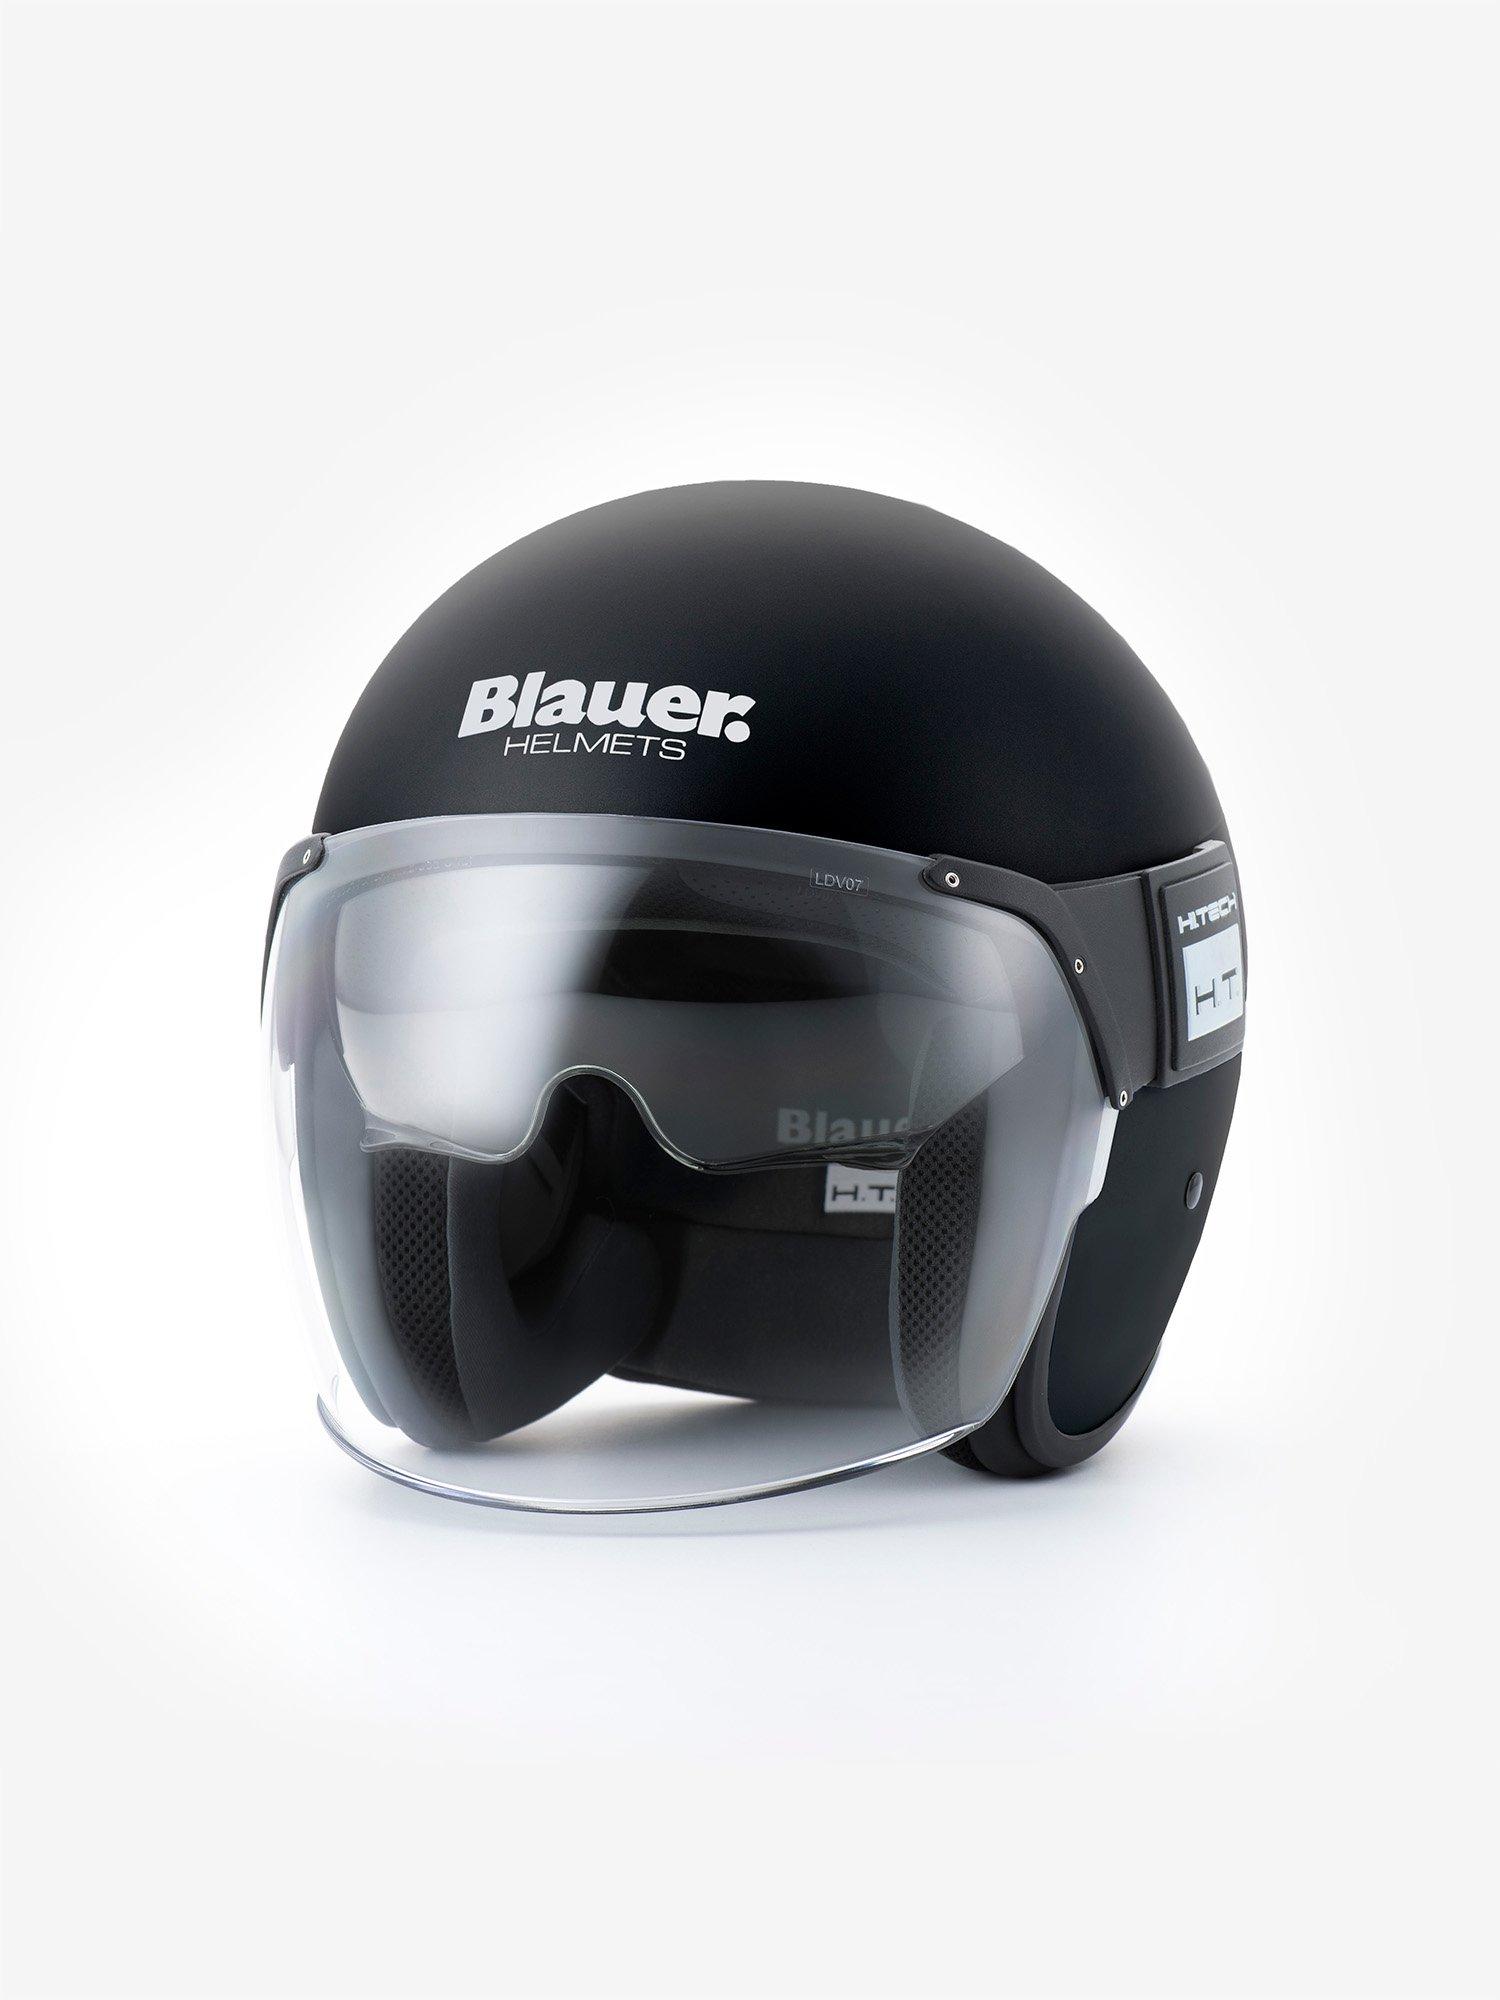 Blauer - POD MONOCHROME BLACK MATT - Black Matt - Blauer